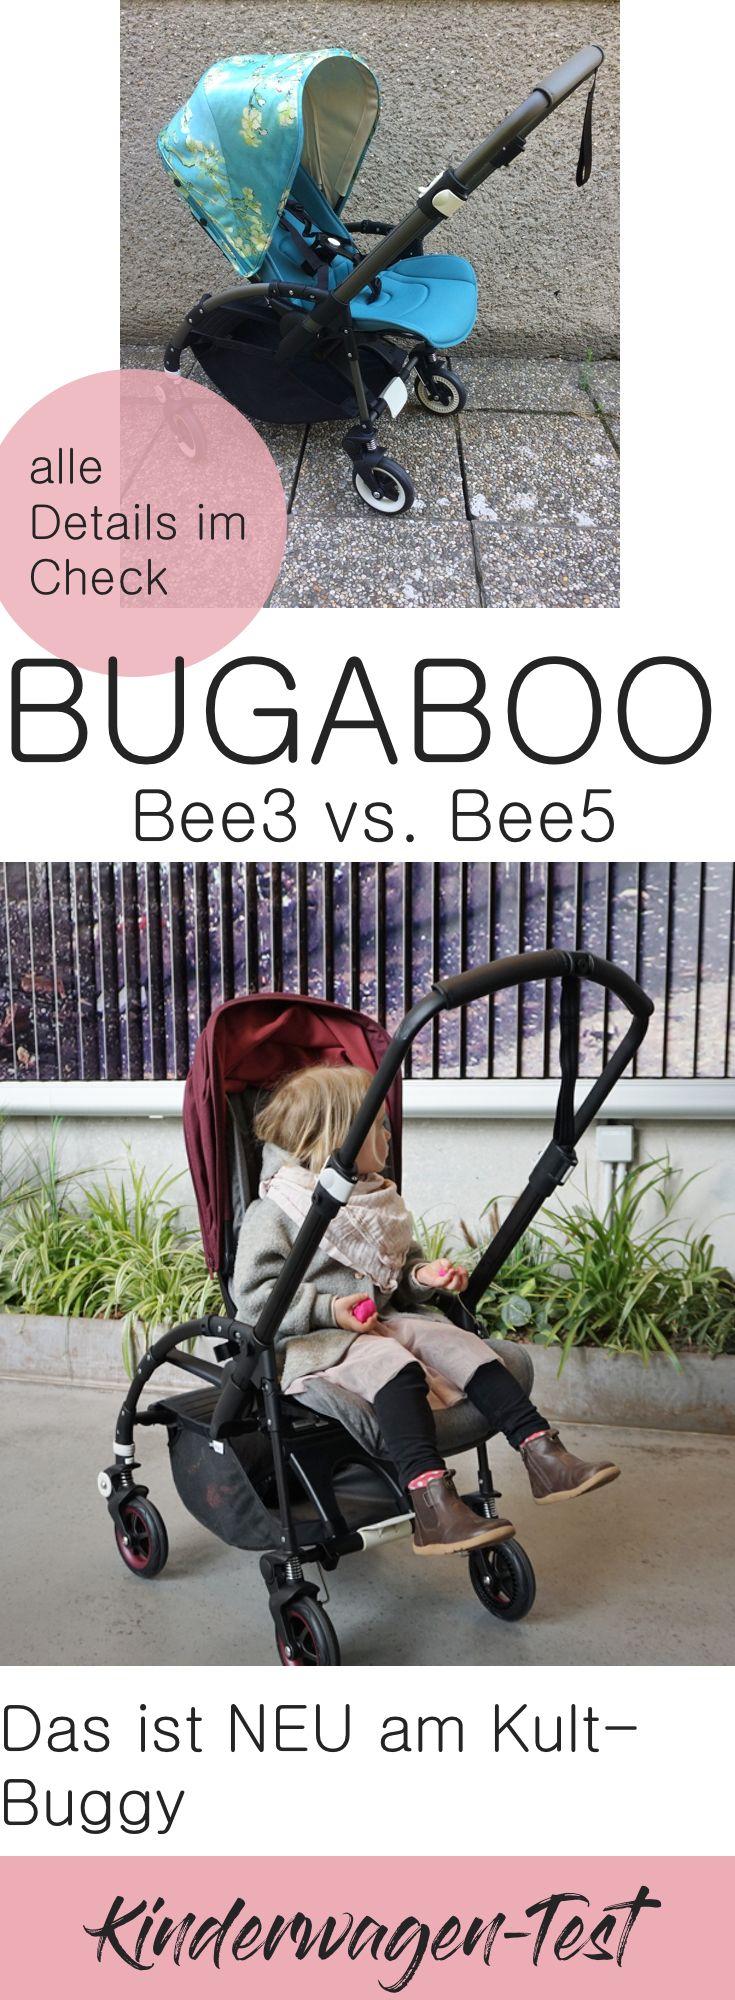 Der holländische Klein-Kinderwagen ist perfekt für alle, die viel in der Stadt vorhaben: Wendig und leicht.  Was ist neu am Bee5 und wo sind die Unterschiede zum Bee3? Wir haben den Test gemacht! Bugaboo Bee im Vergleich.